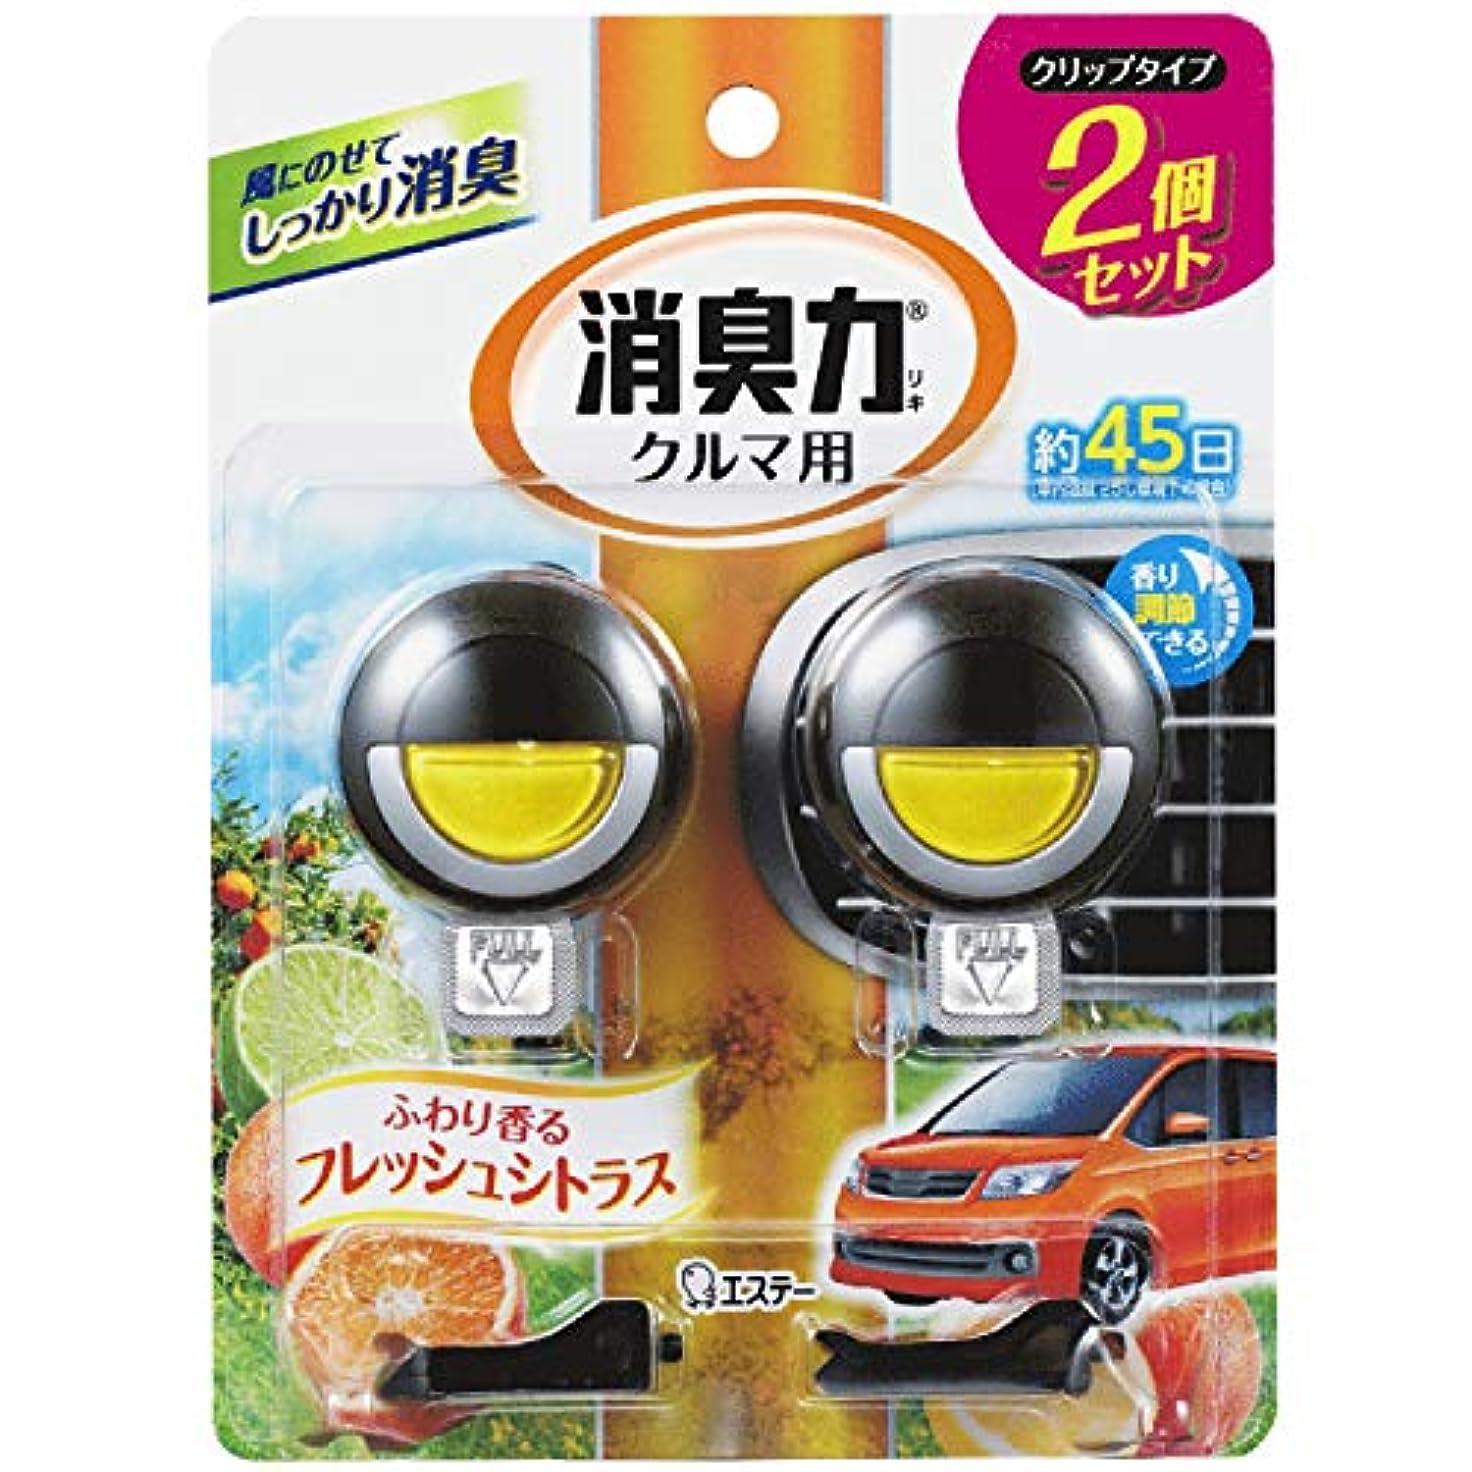 先例レモンインドクルマの消臭力 クリップタイプ 消臭芳香剤 車 車用 シトラスの香り 2個セット